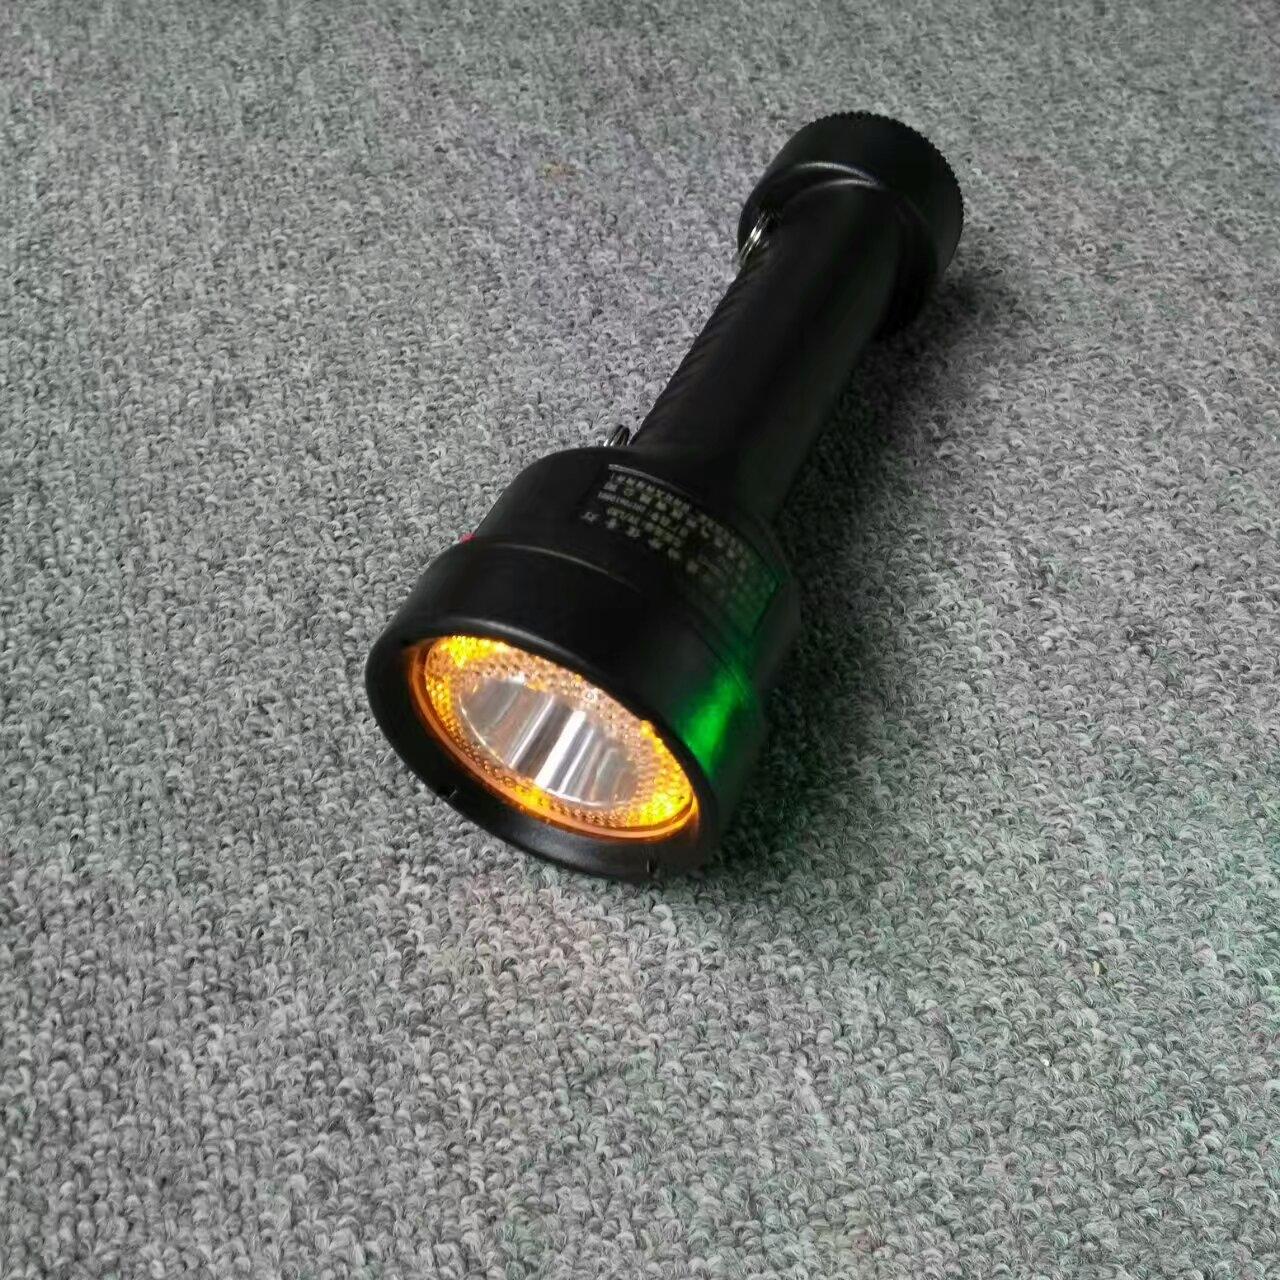 YBSD-11袖珍信号灯铁路三色防爆电筒